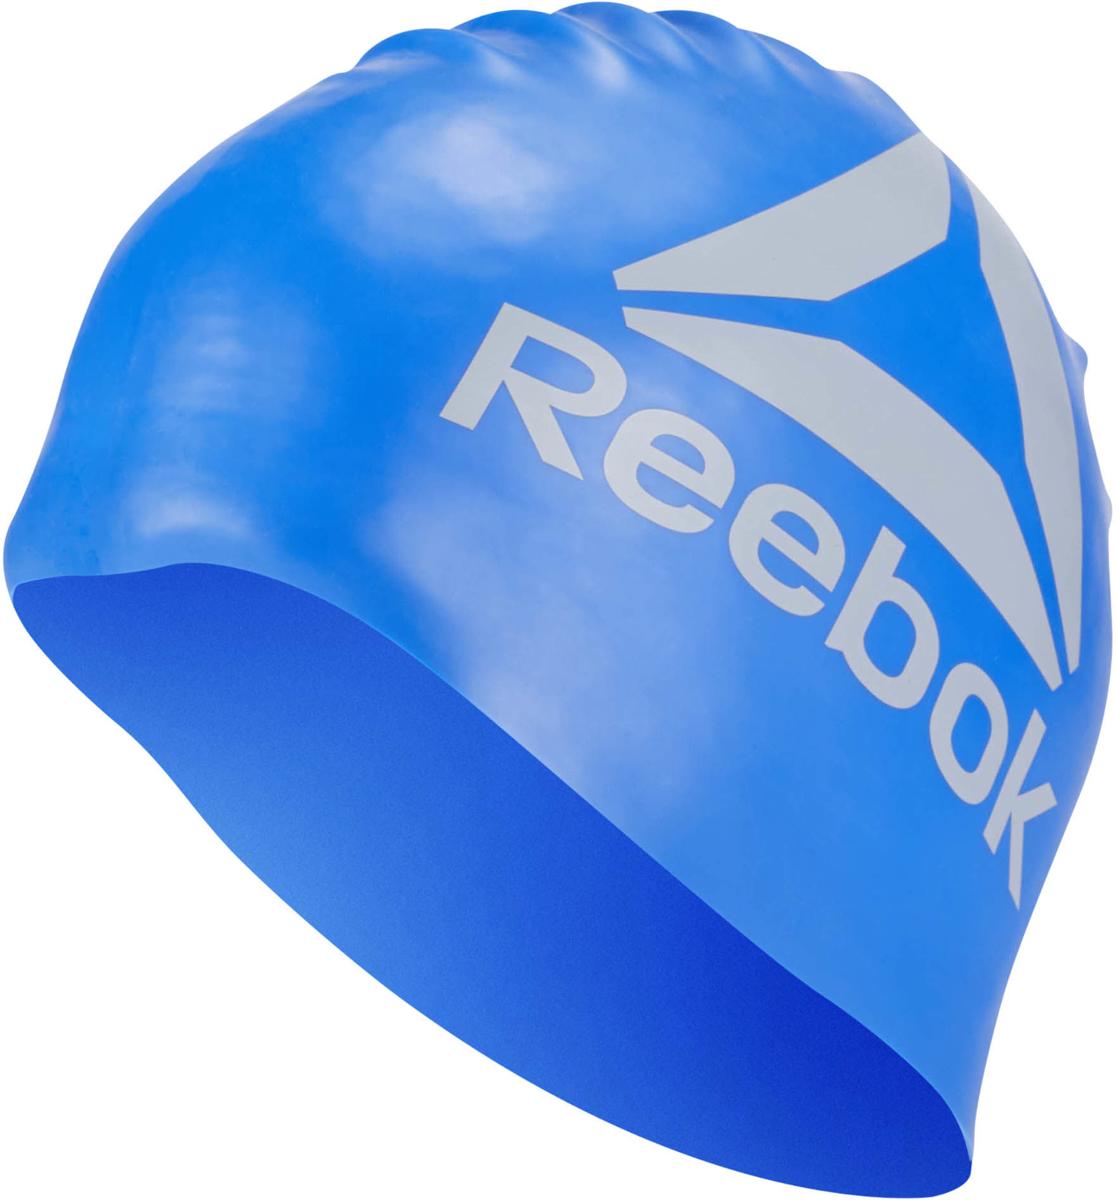 Шапочка для плавания Reebok Swim U Cap, цвет: синий. CW1712CW1712Эта шапочка не только позволит вам с комфортом подготовиться к соревнованиям, но и продемонстрировать всем свою приверженность классическому стилю Reebok. Благодаря эргономичному дизайну и использованному материалу вам гарантирована надежная защита от воды как в бассейне, так и в открытом водоеме.Материал: 100% силикон для защиты от попадания воды.